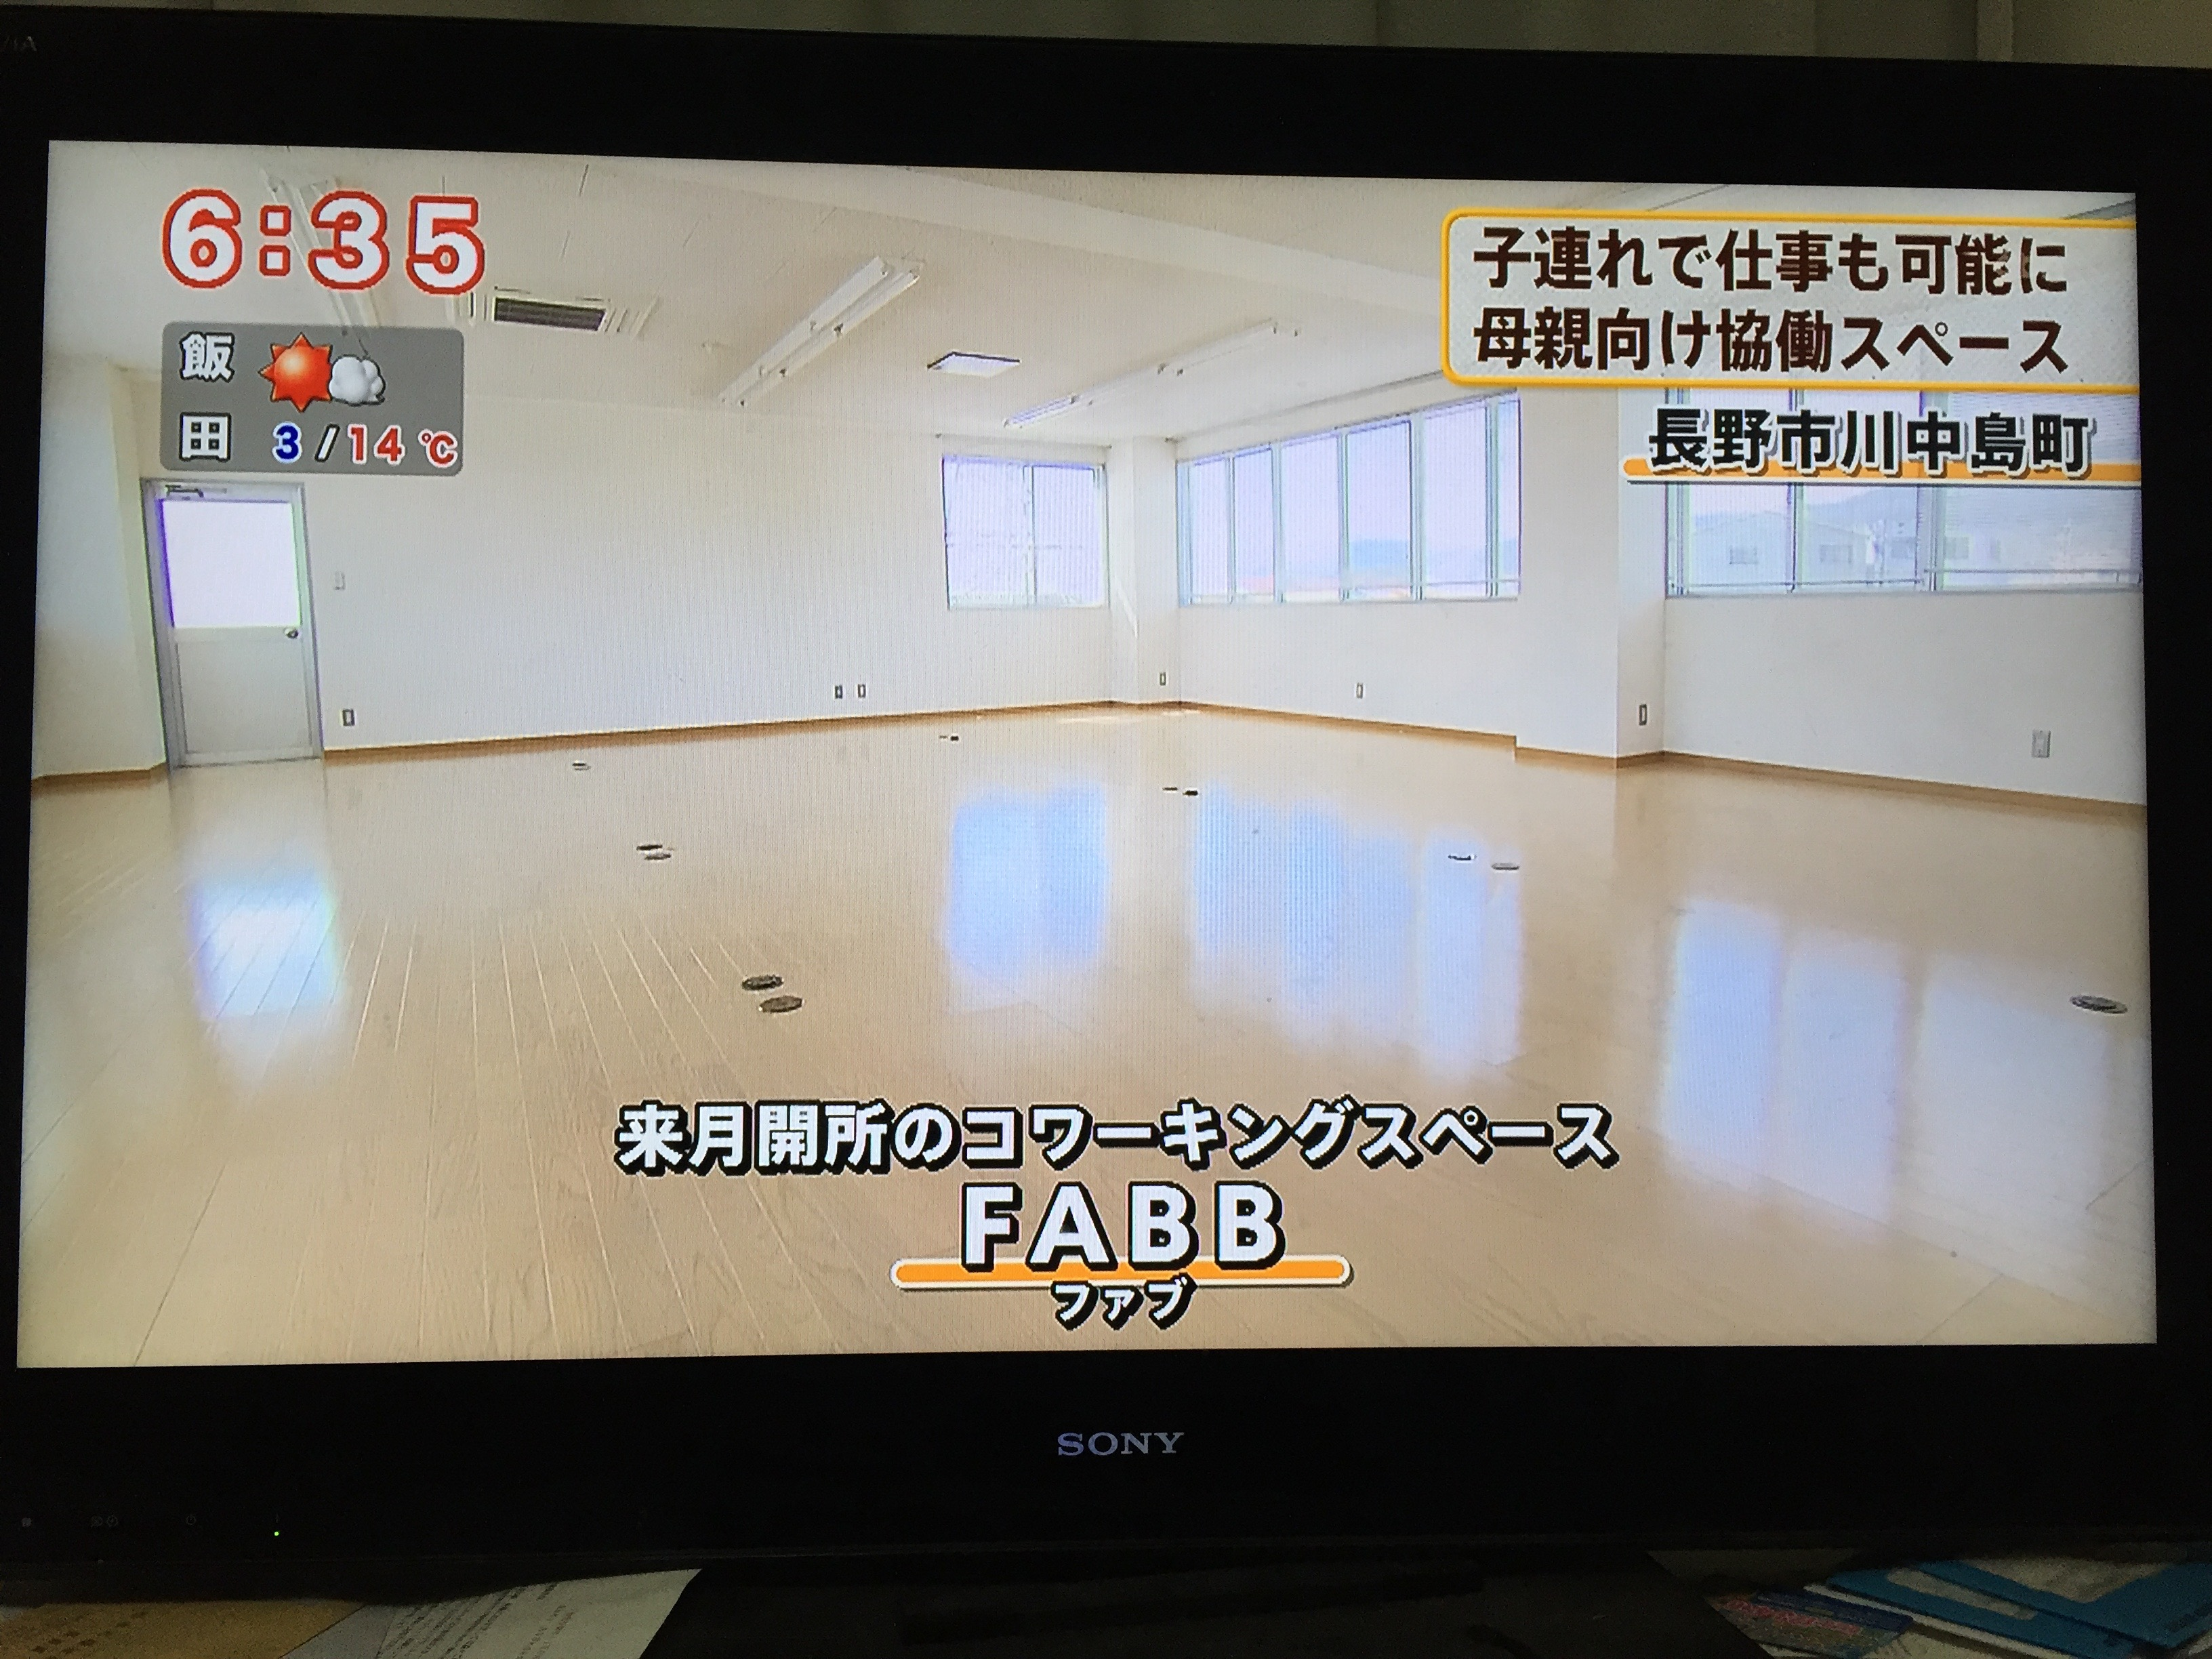 FABBがabnステーションで特集されました!